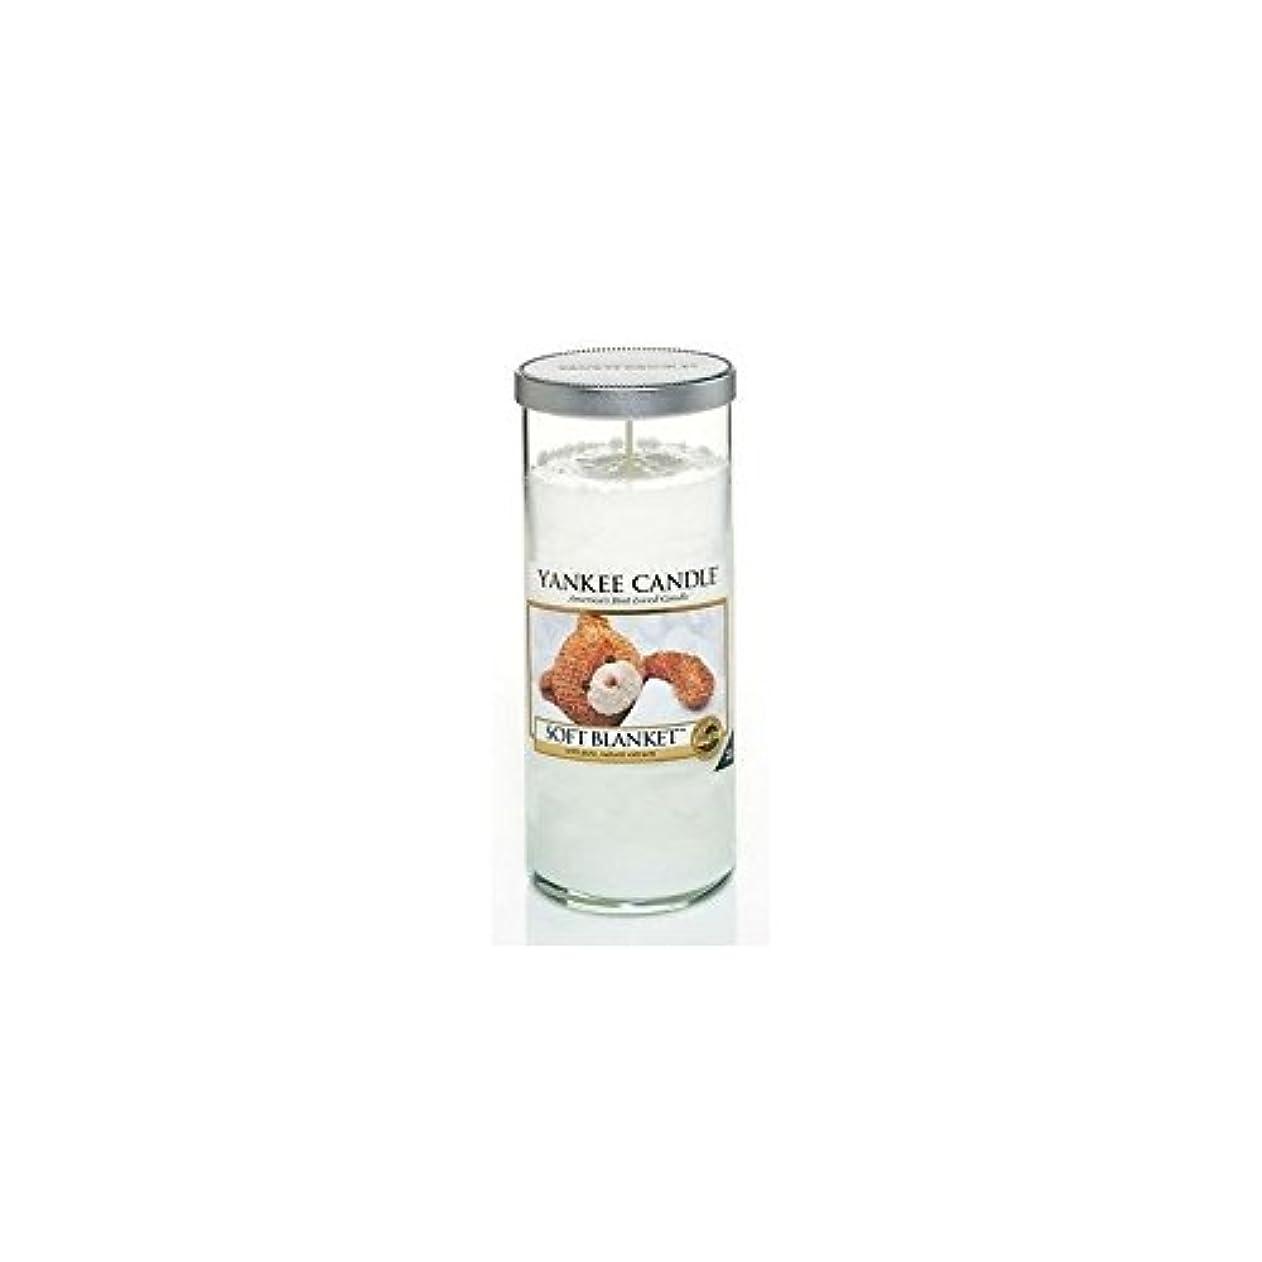 枝コショウの量Yankee Candles Large Pillar Candle - Soft Blanket (Pack of 6) - ヤンキーキャンドル大きな柱キャンドル - ソフト毛布 (x6) [並行輸入品]